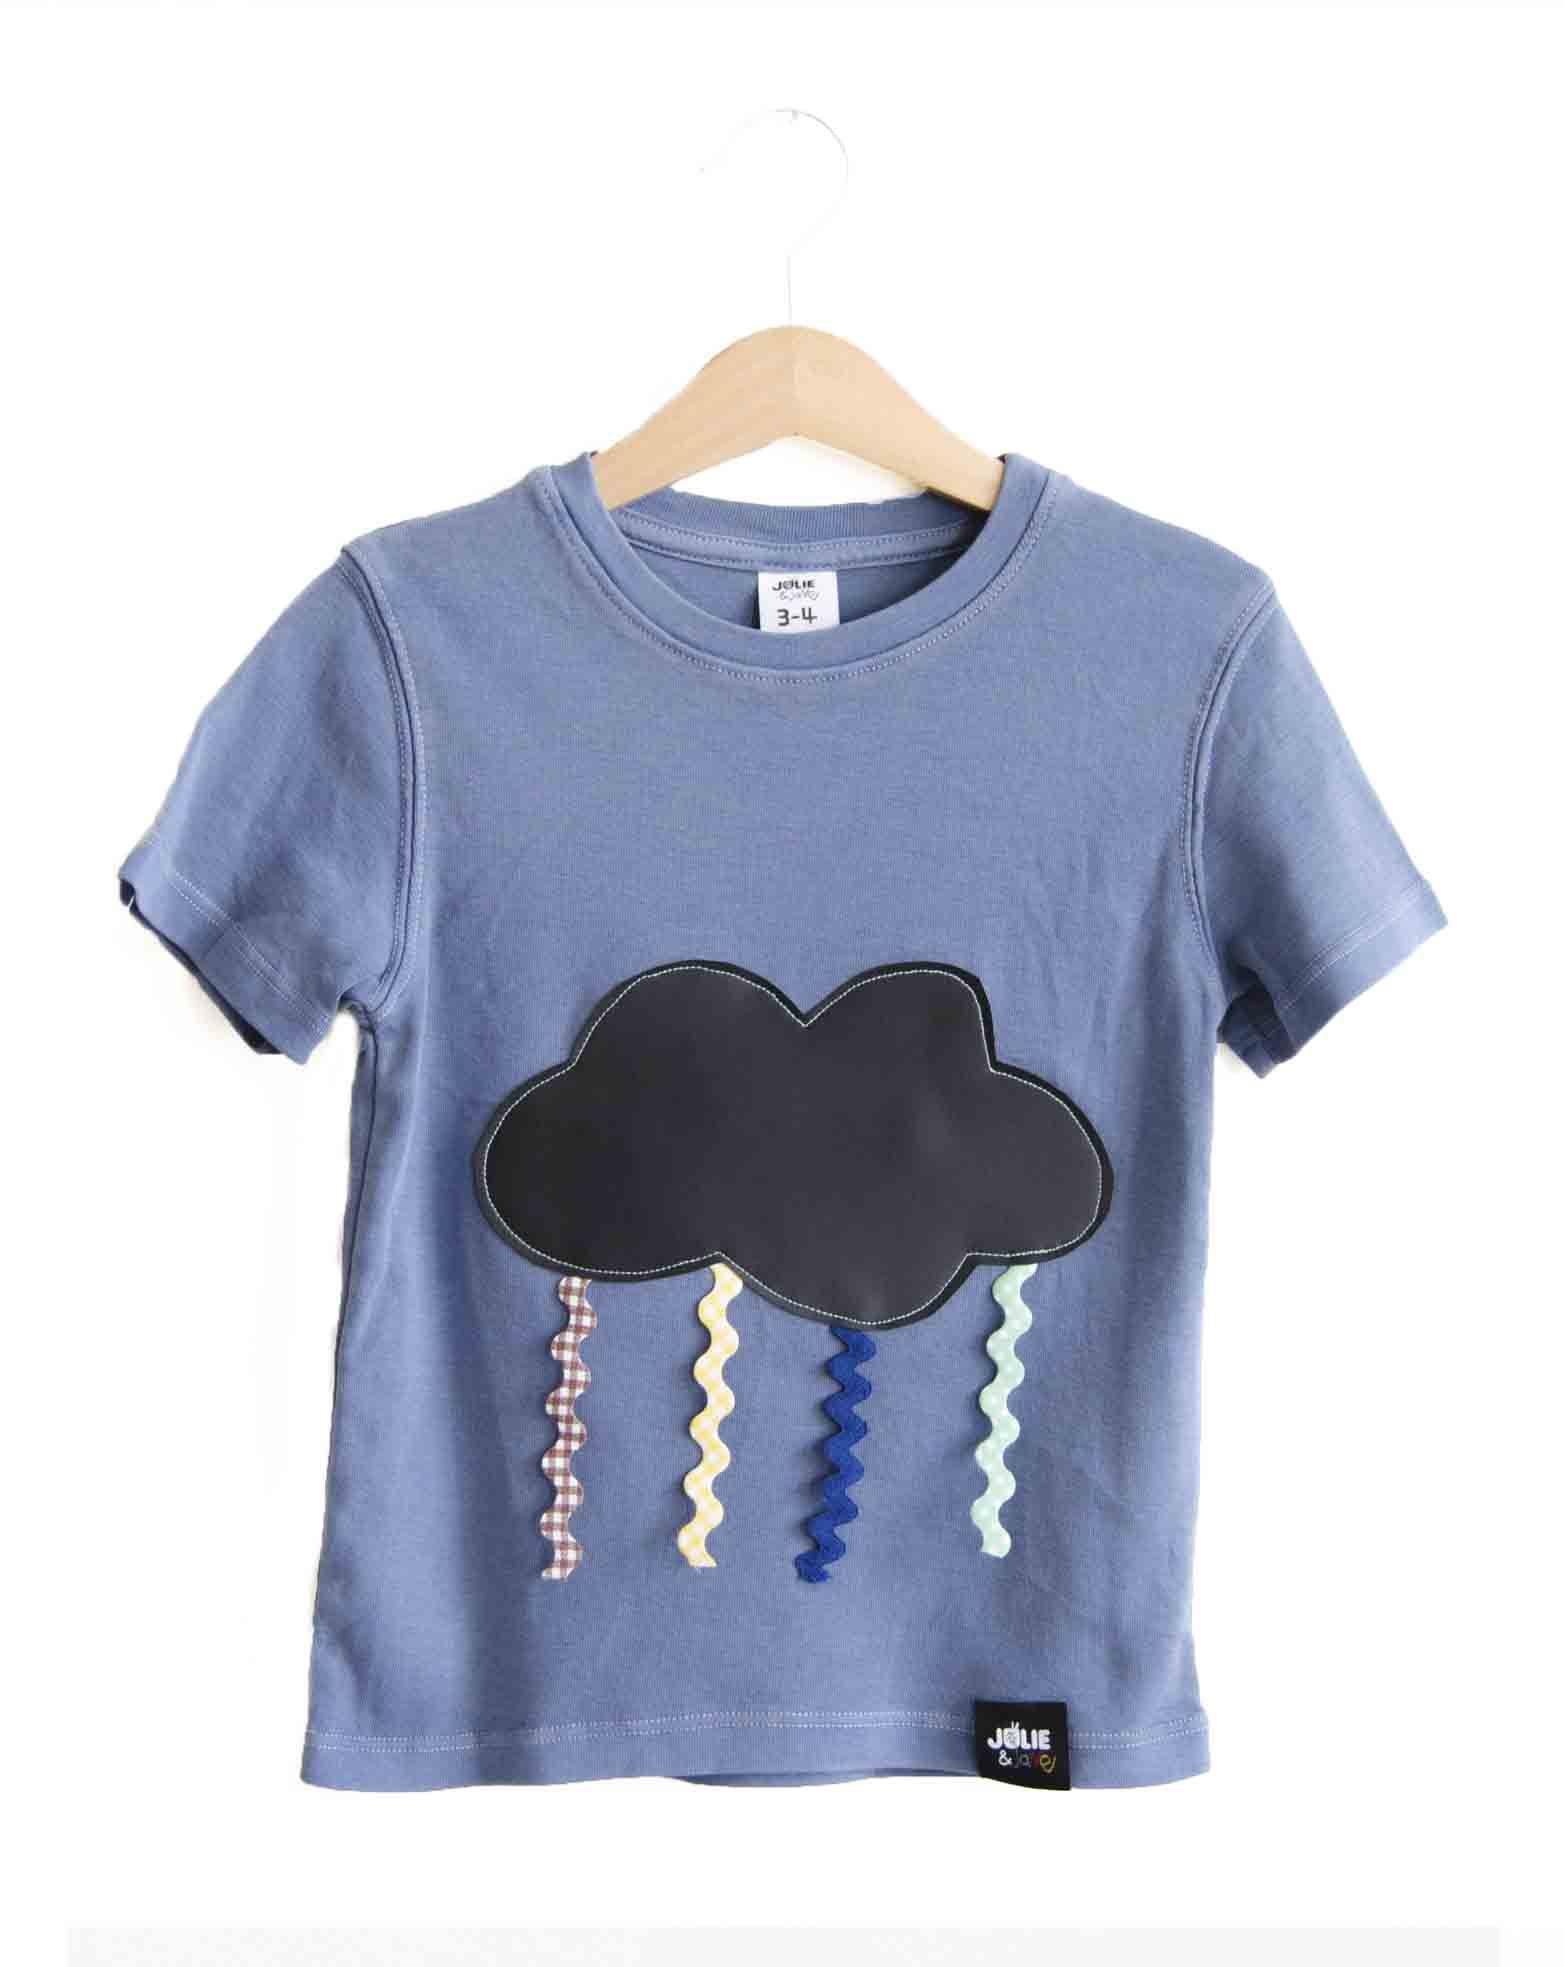 bfb75157d77c8 Camiseta PIZARRA Nube